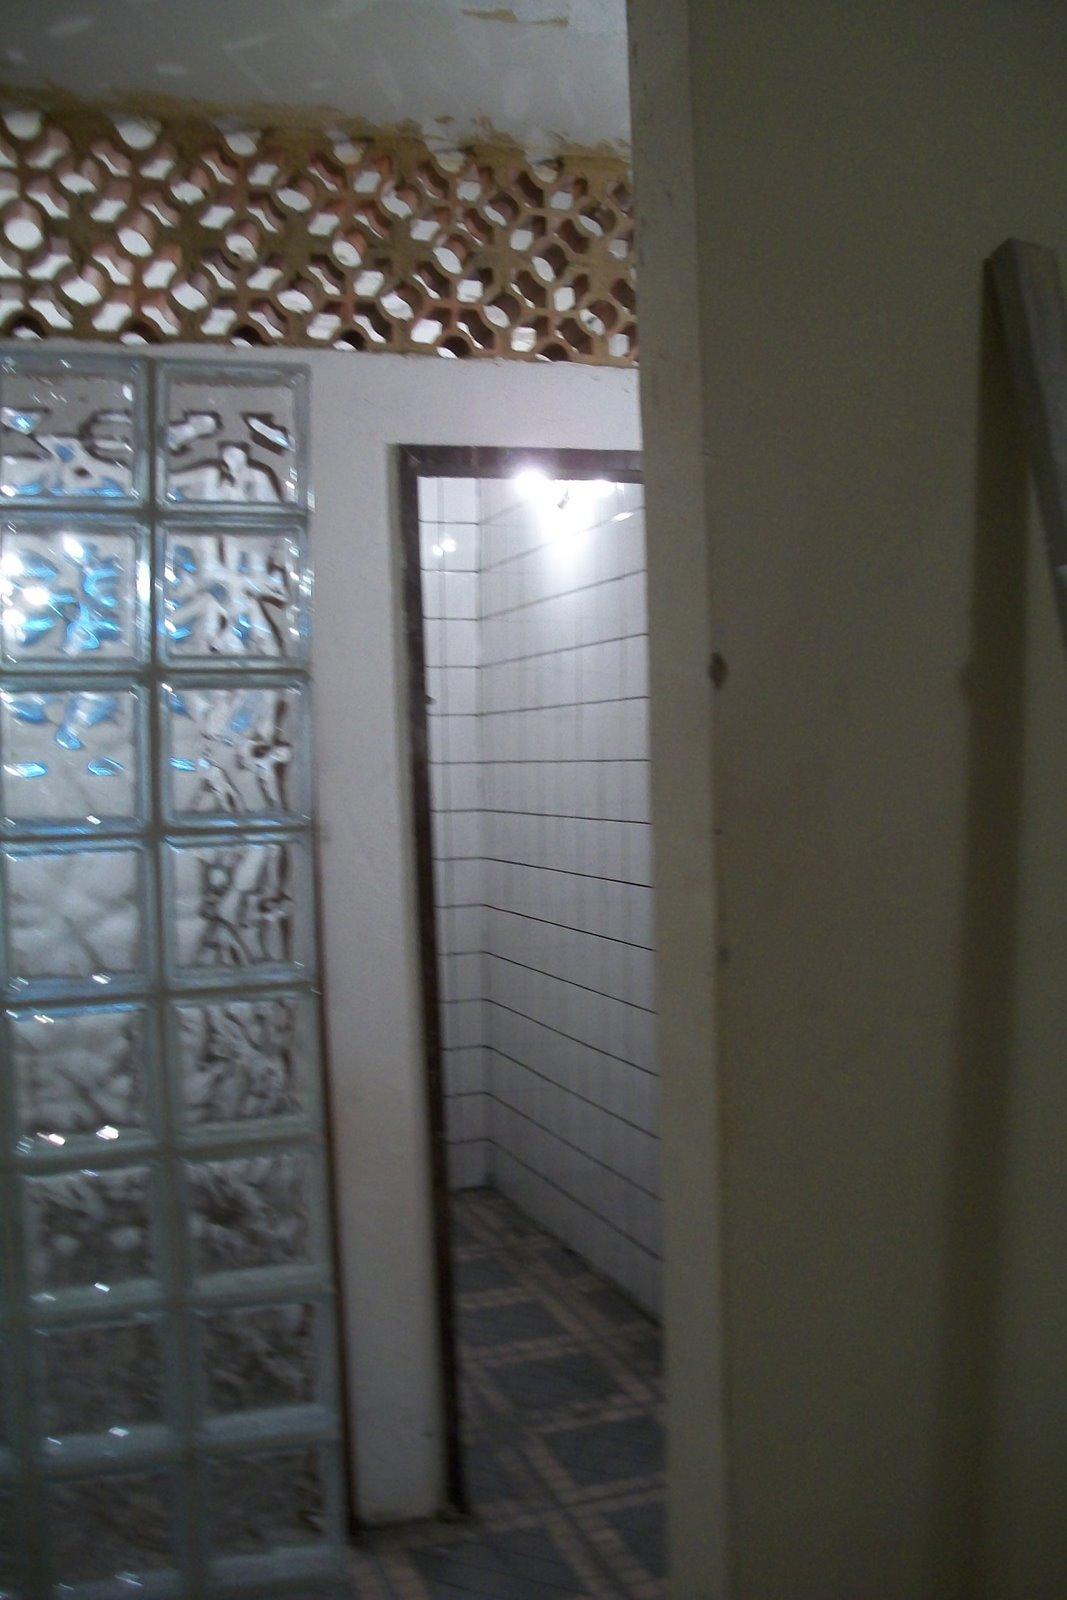 da parede com tijolos de vidro aberto e tijolos de cerâmica furado #496A82 1067 1600